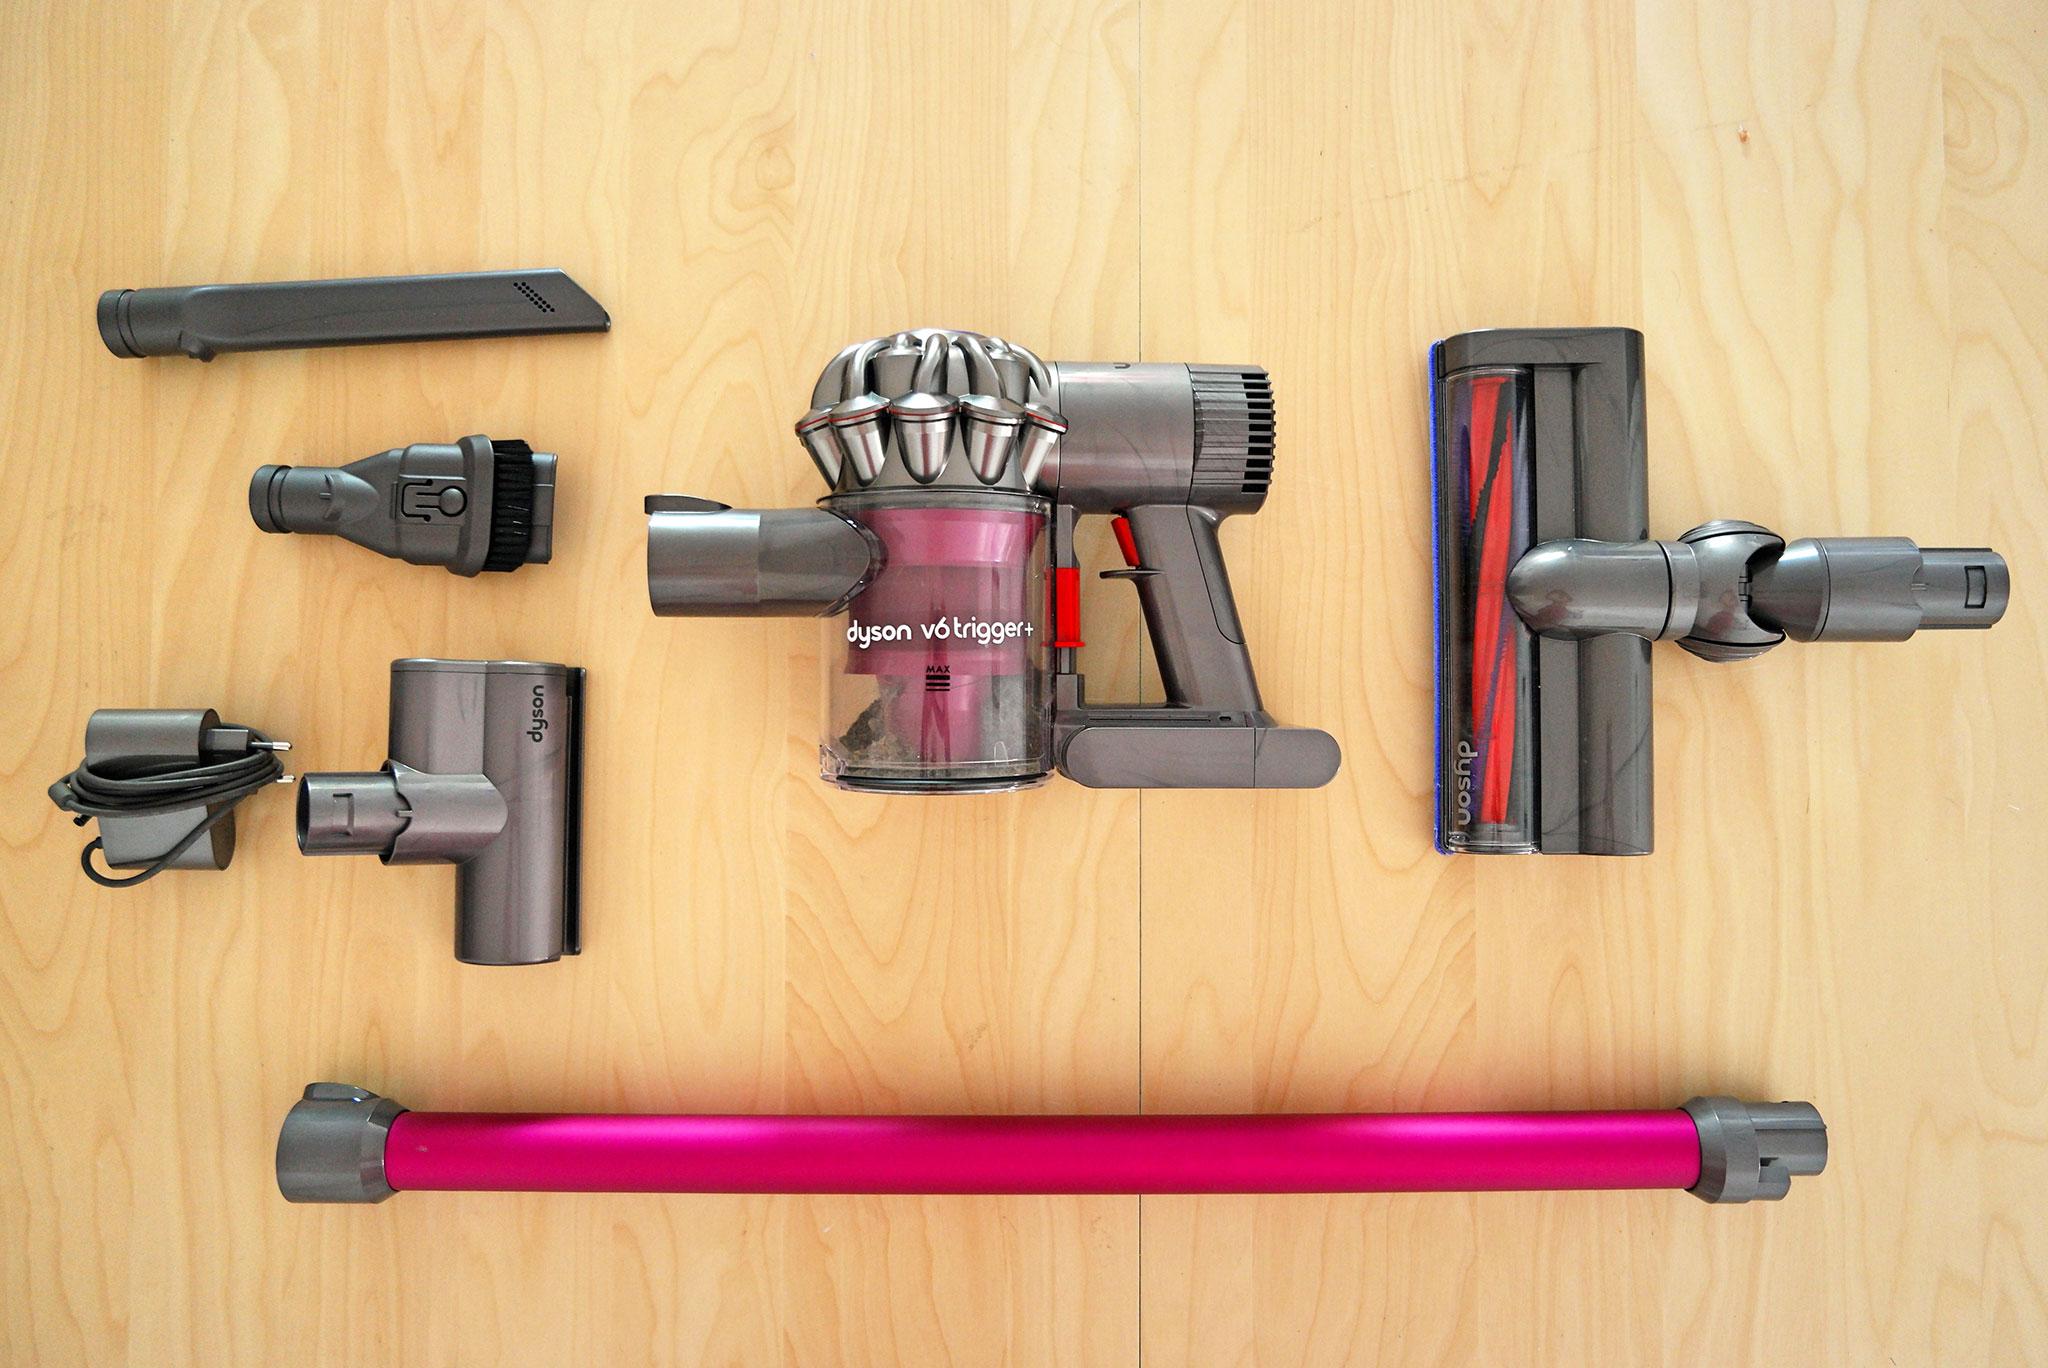 Dyson v6 характеристики dyson очиститель и увлажнитель воздуха